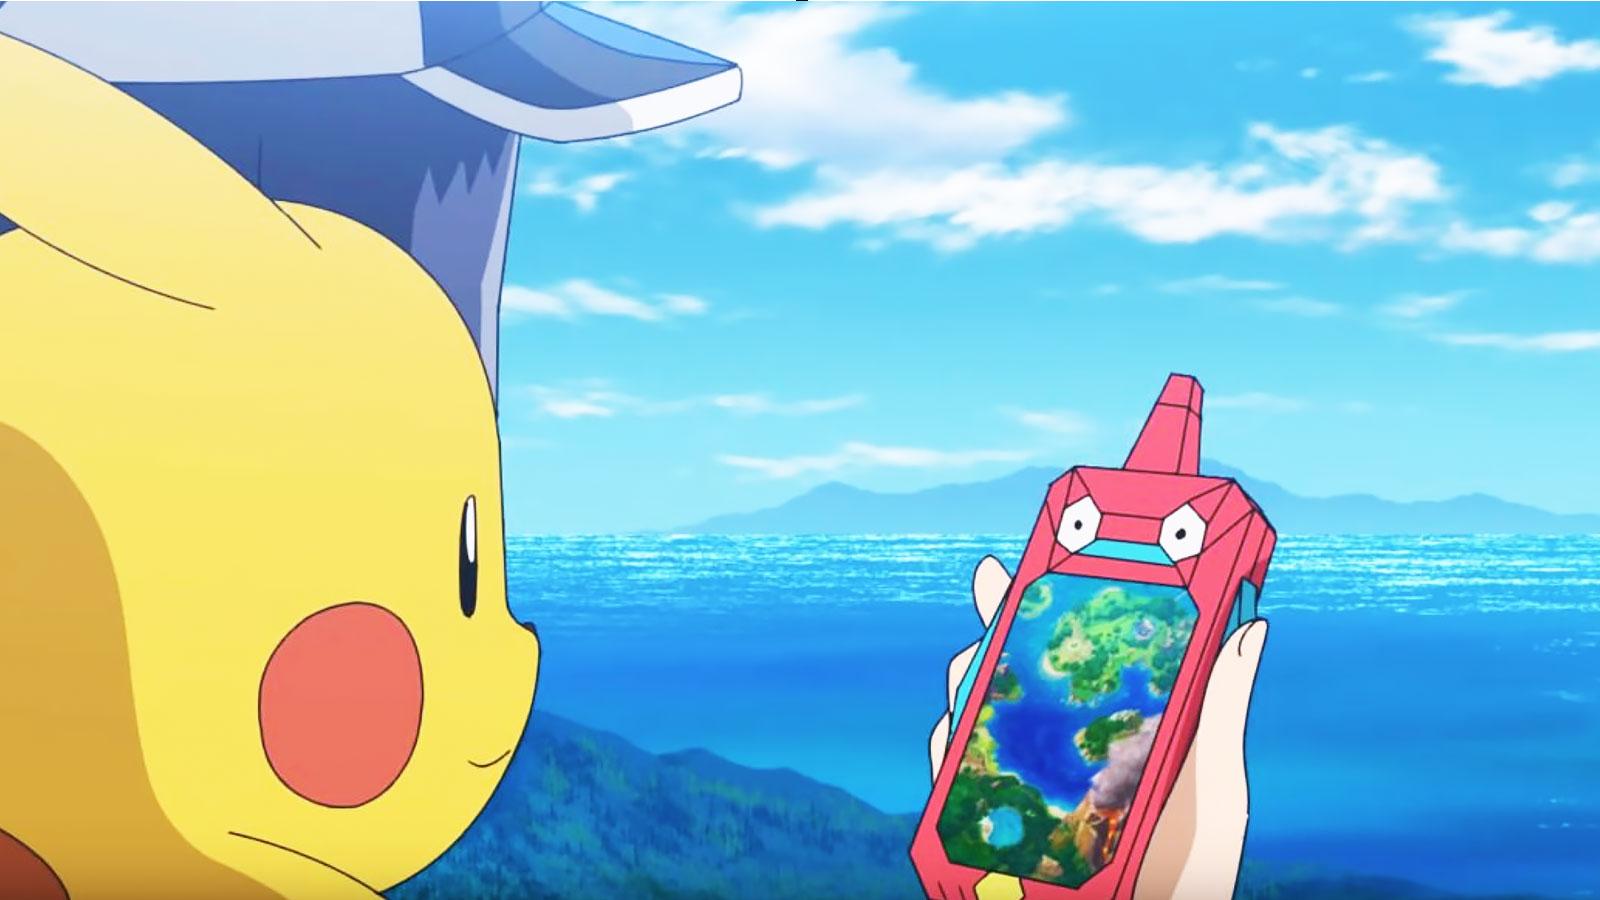 rotom phone in pokemon anime